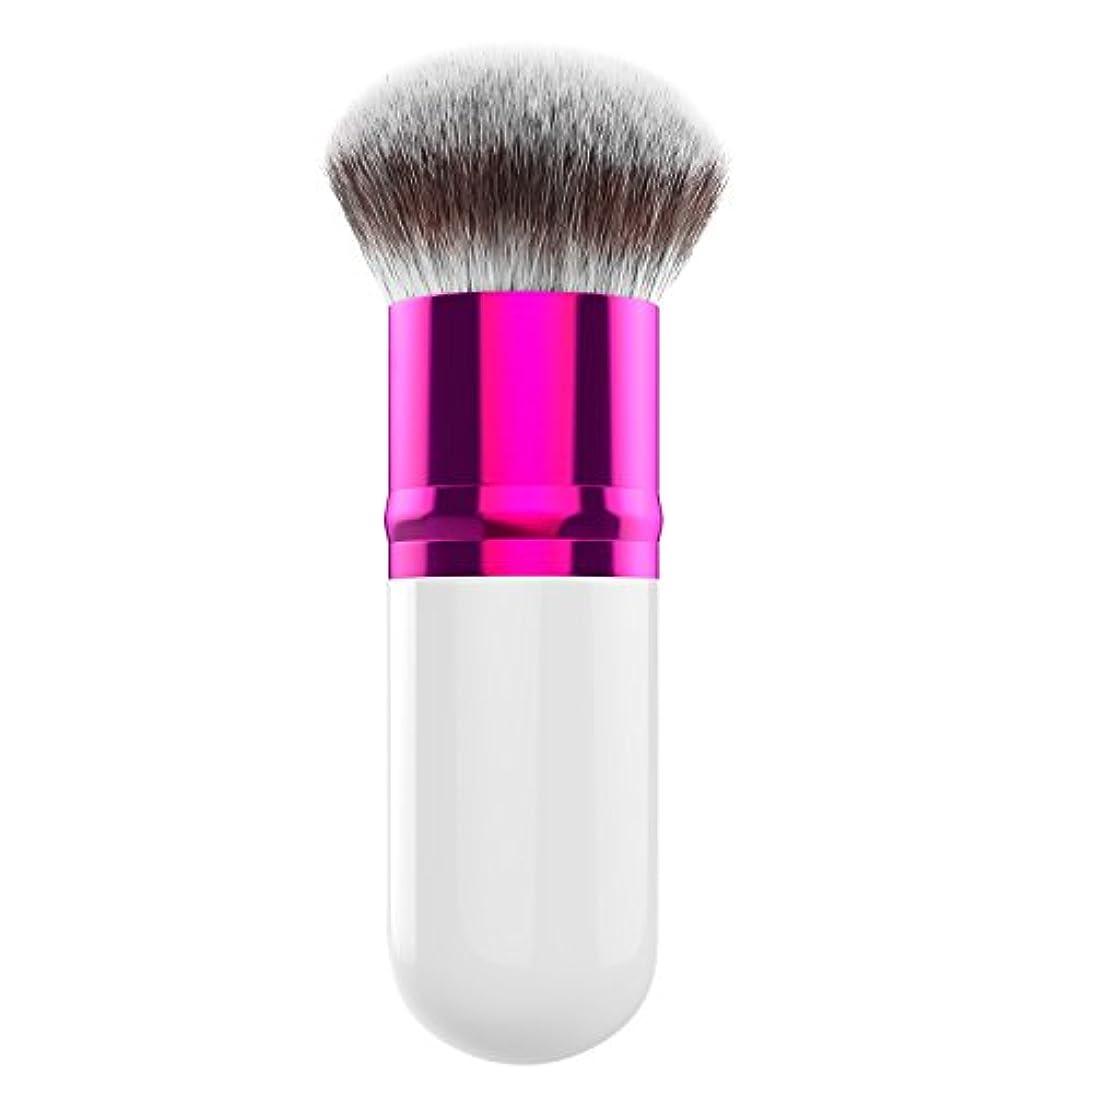 芝生ホテルスポーツファンデーションブラシ - Luxspire メイクブラシ 化粧筆 コスメブラシ 繊細な人工毛 毛質やわらかい 肌に優しい - Magenta